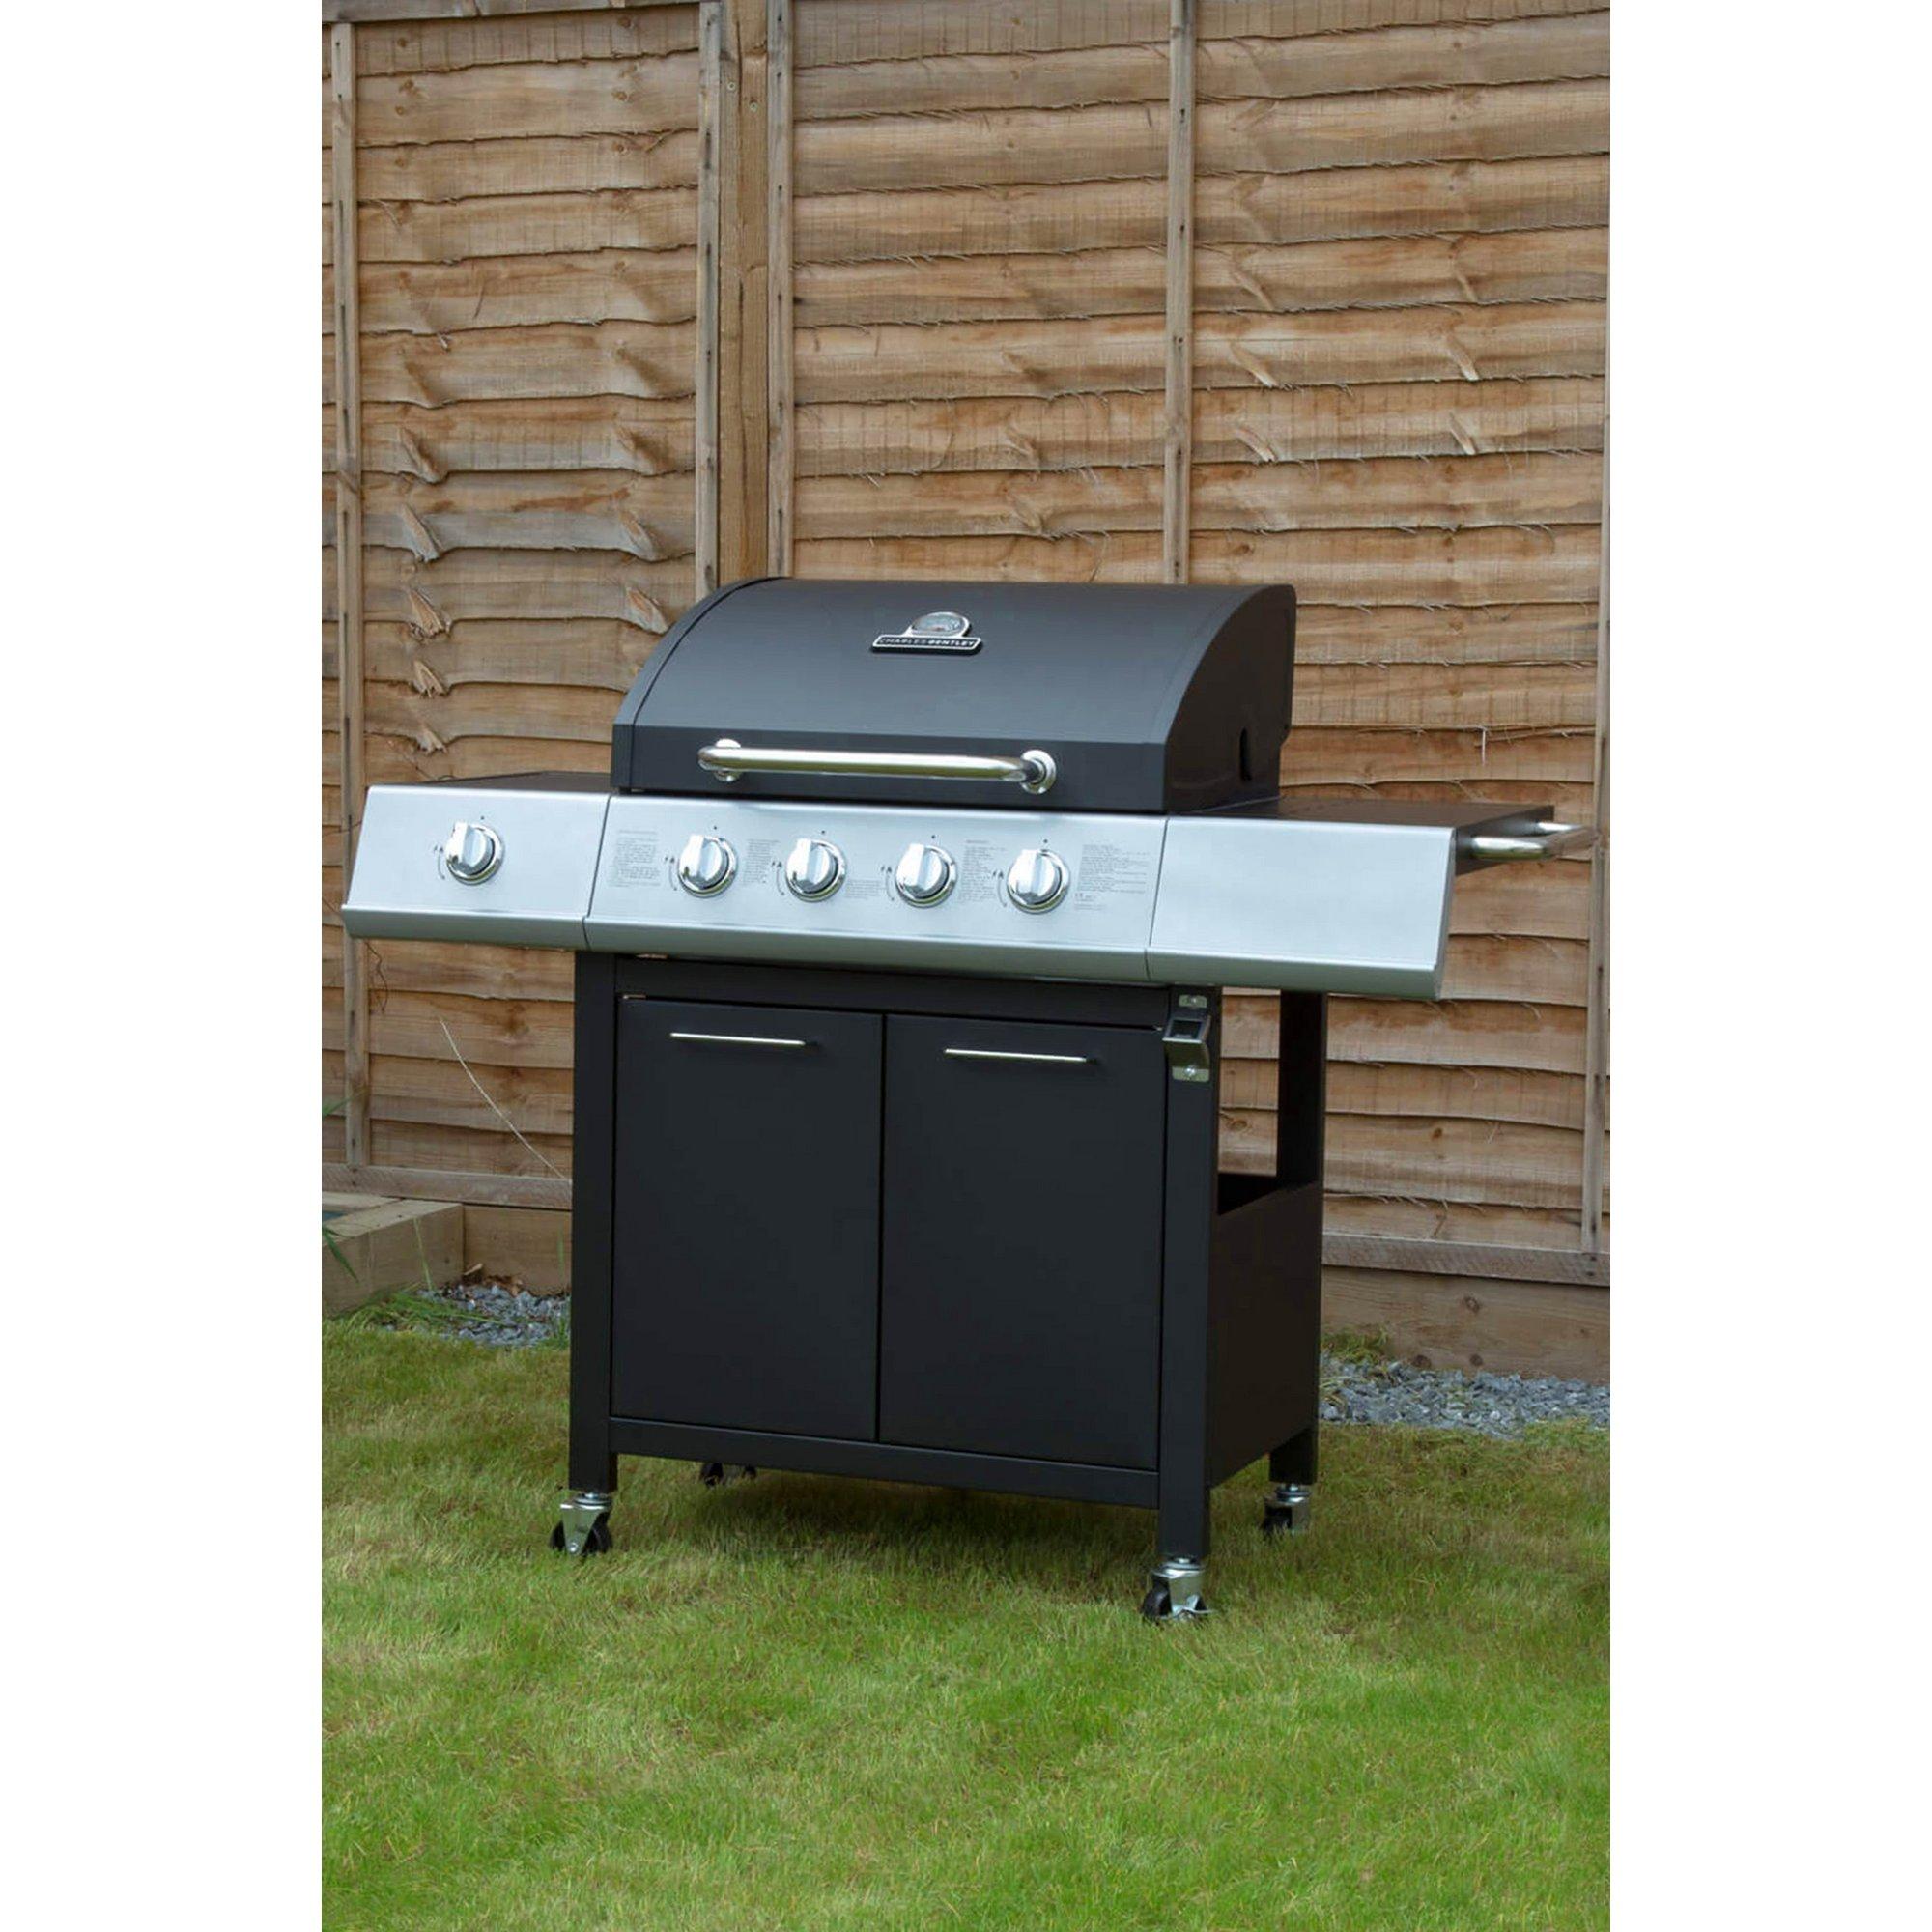 Image of 5 Burner Premium Gas BBQ - 4x Burner + 1 Side Burner